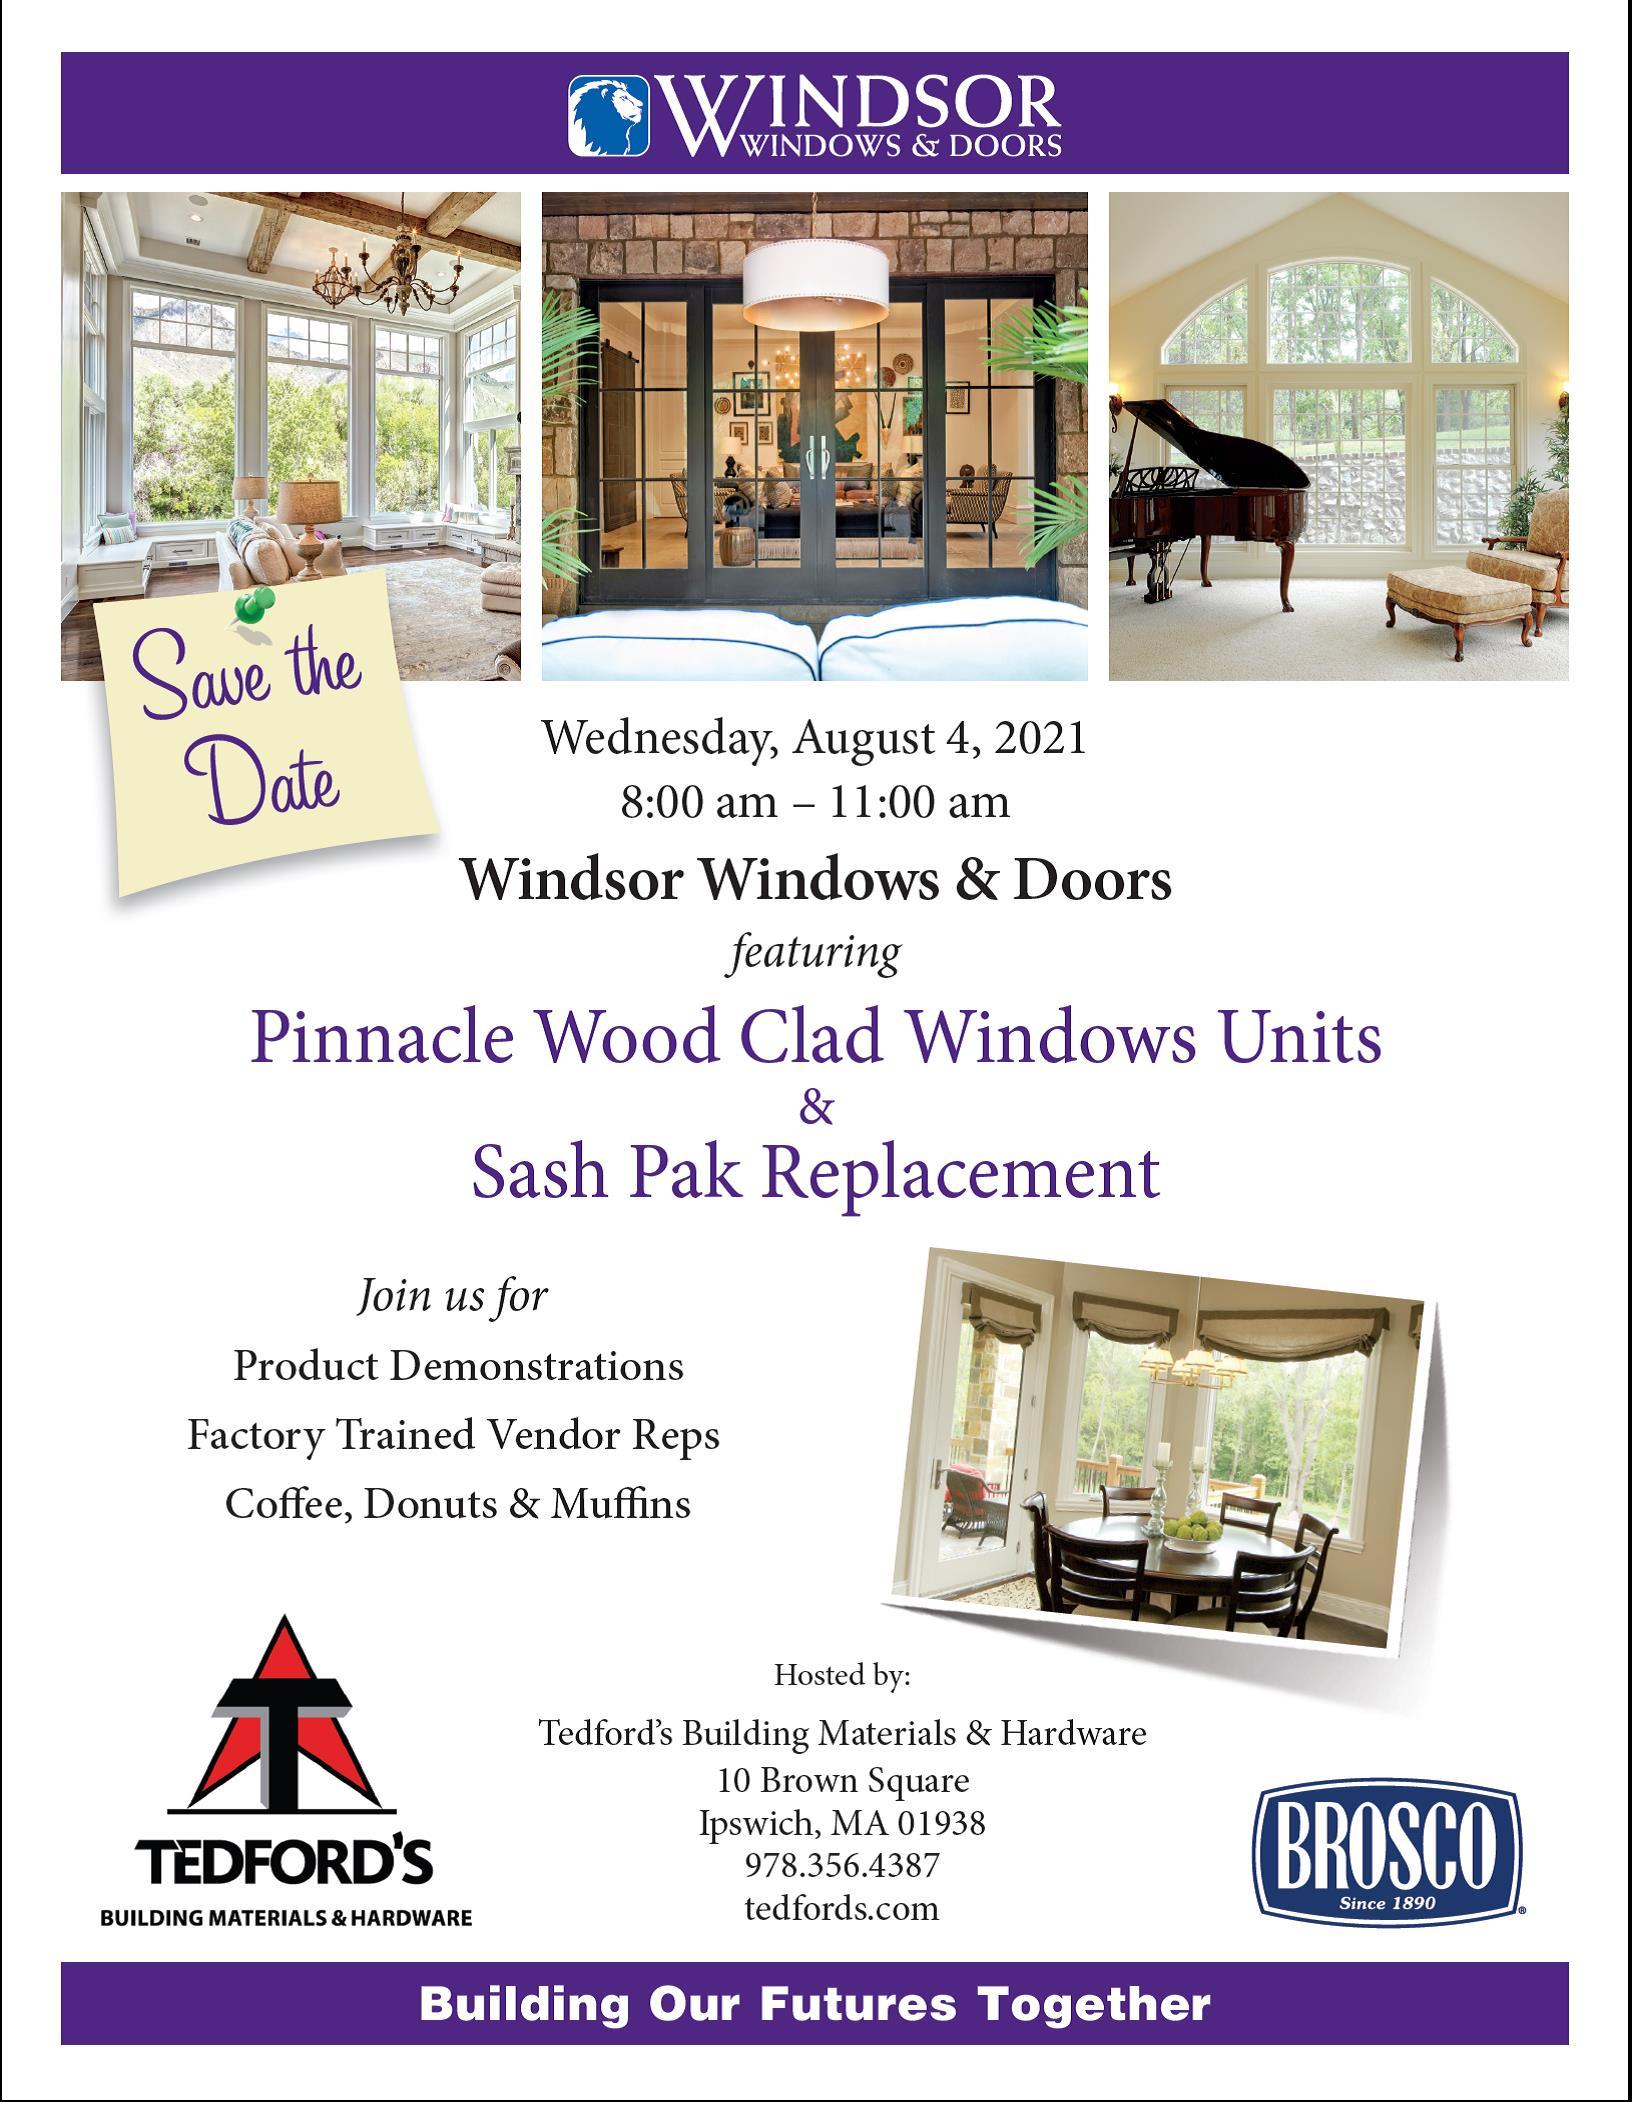 Windsor windows & doors event flyer